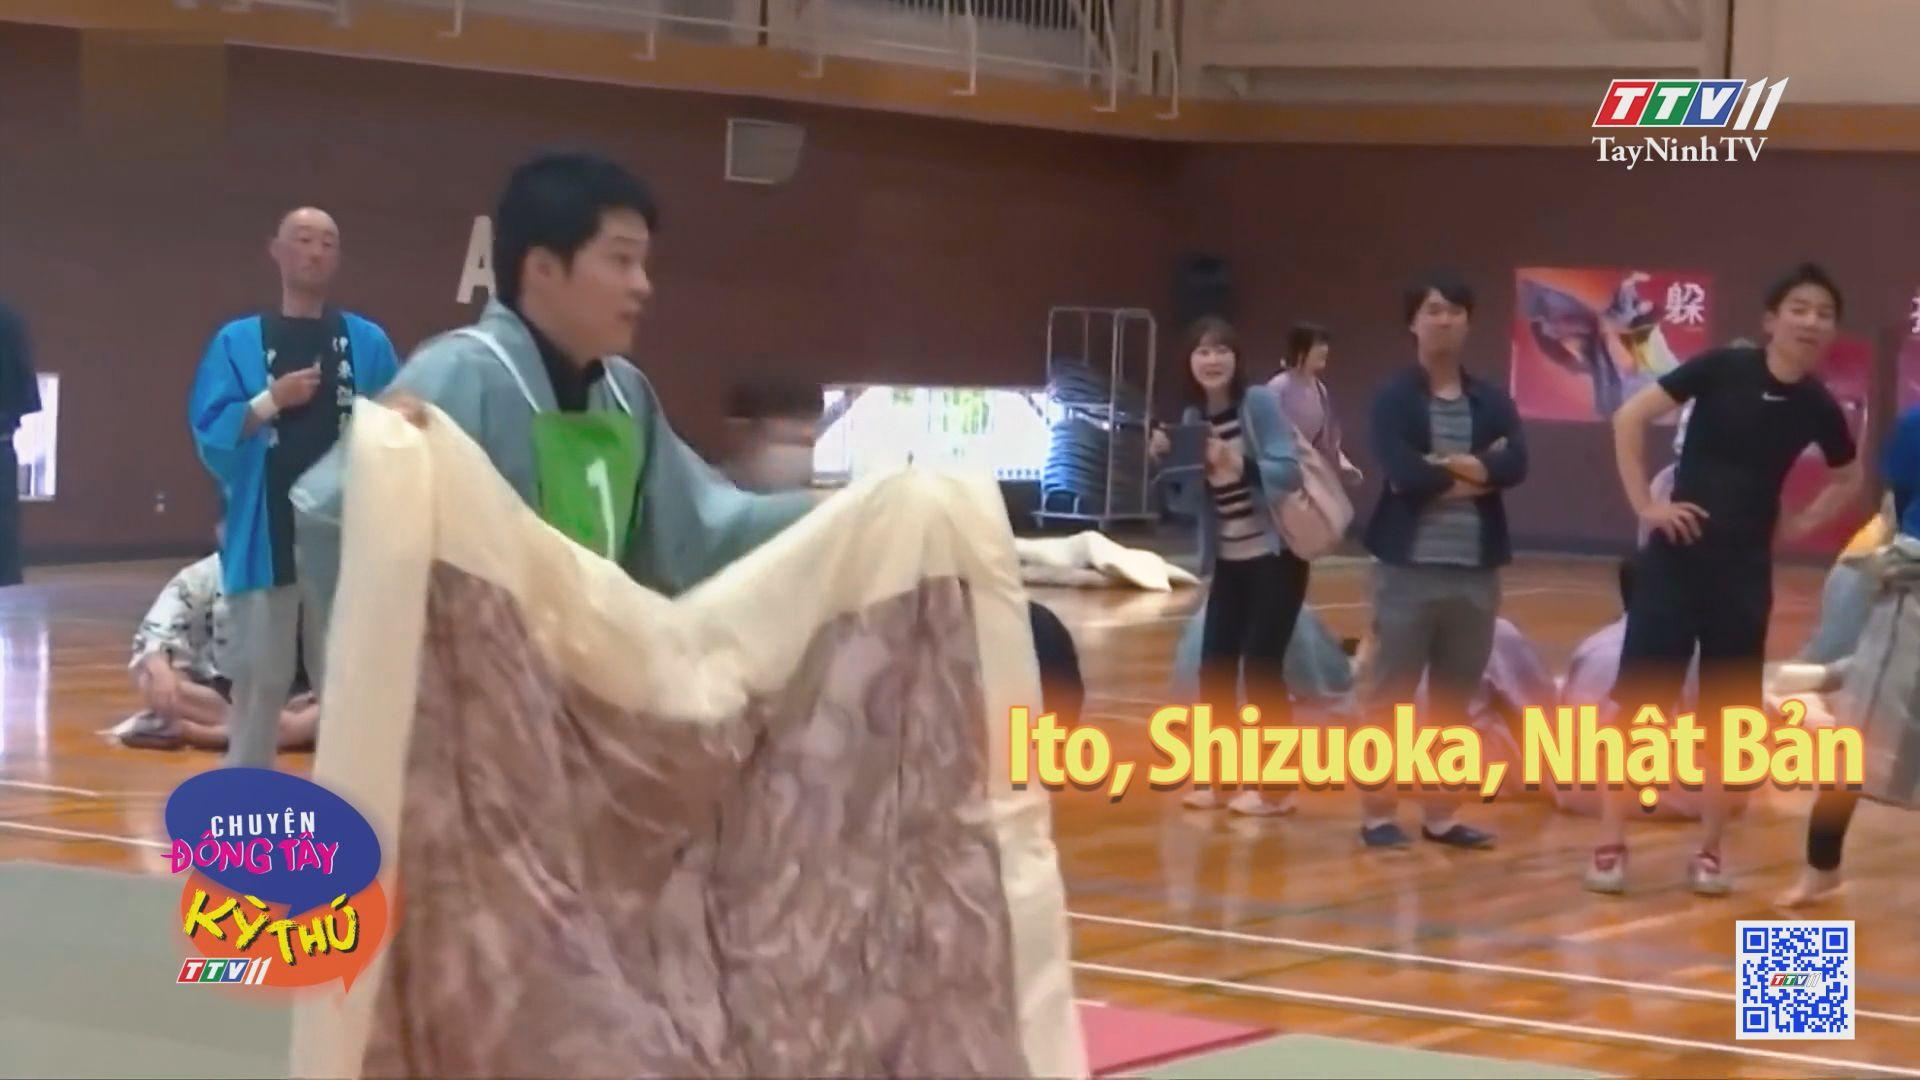 Cuộc thi ném gối độc đáo ở Nhật Bản | CHUYỆN ĐÔNG TÂY KỲ THÚ | TayNinhTV